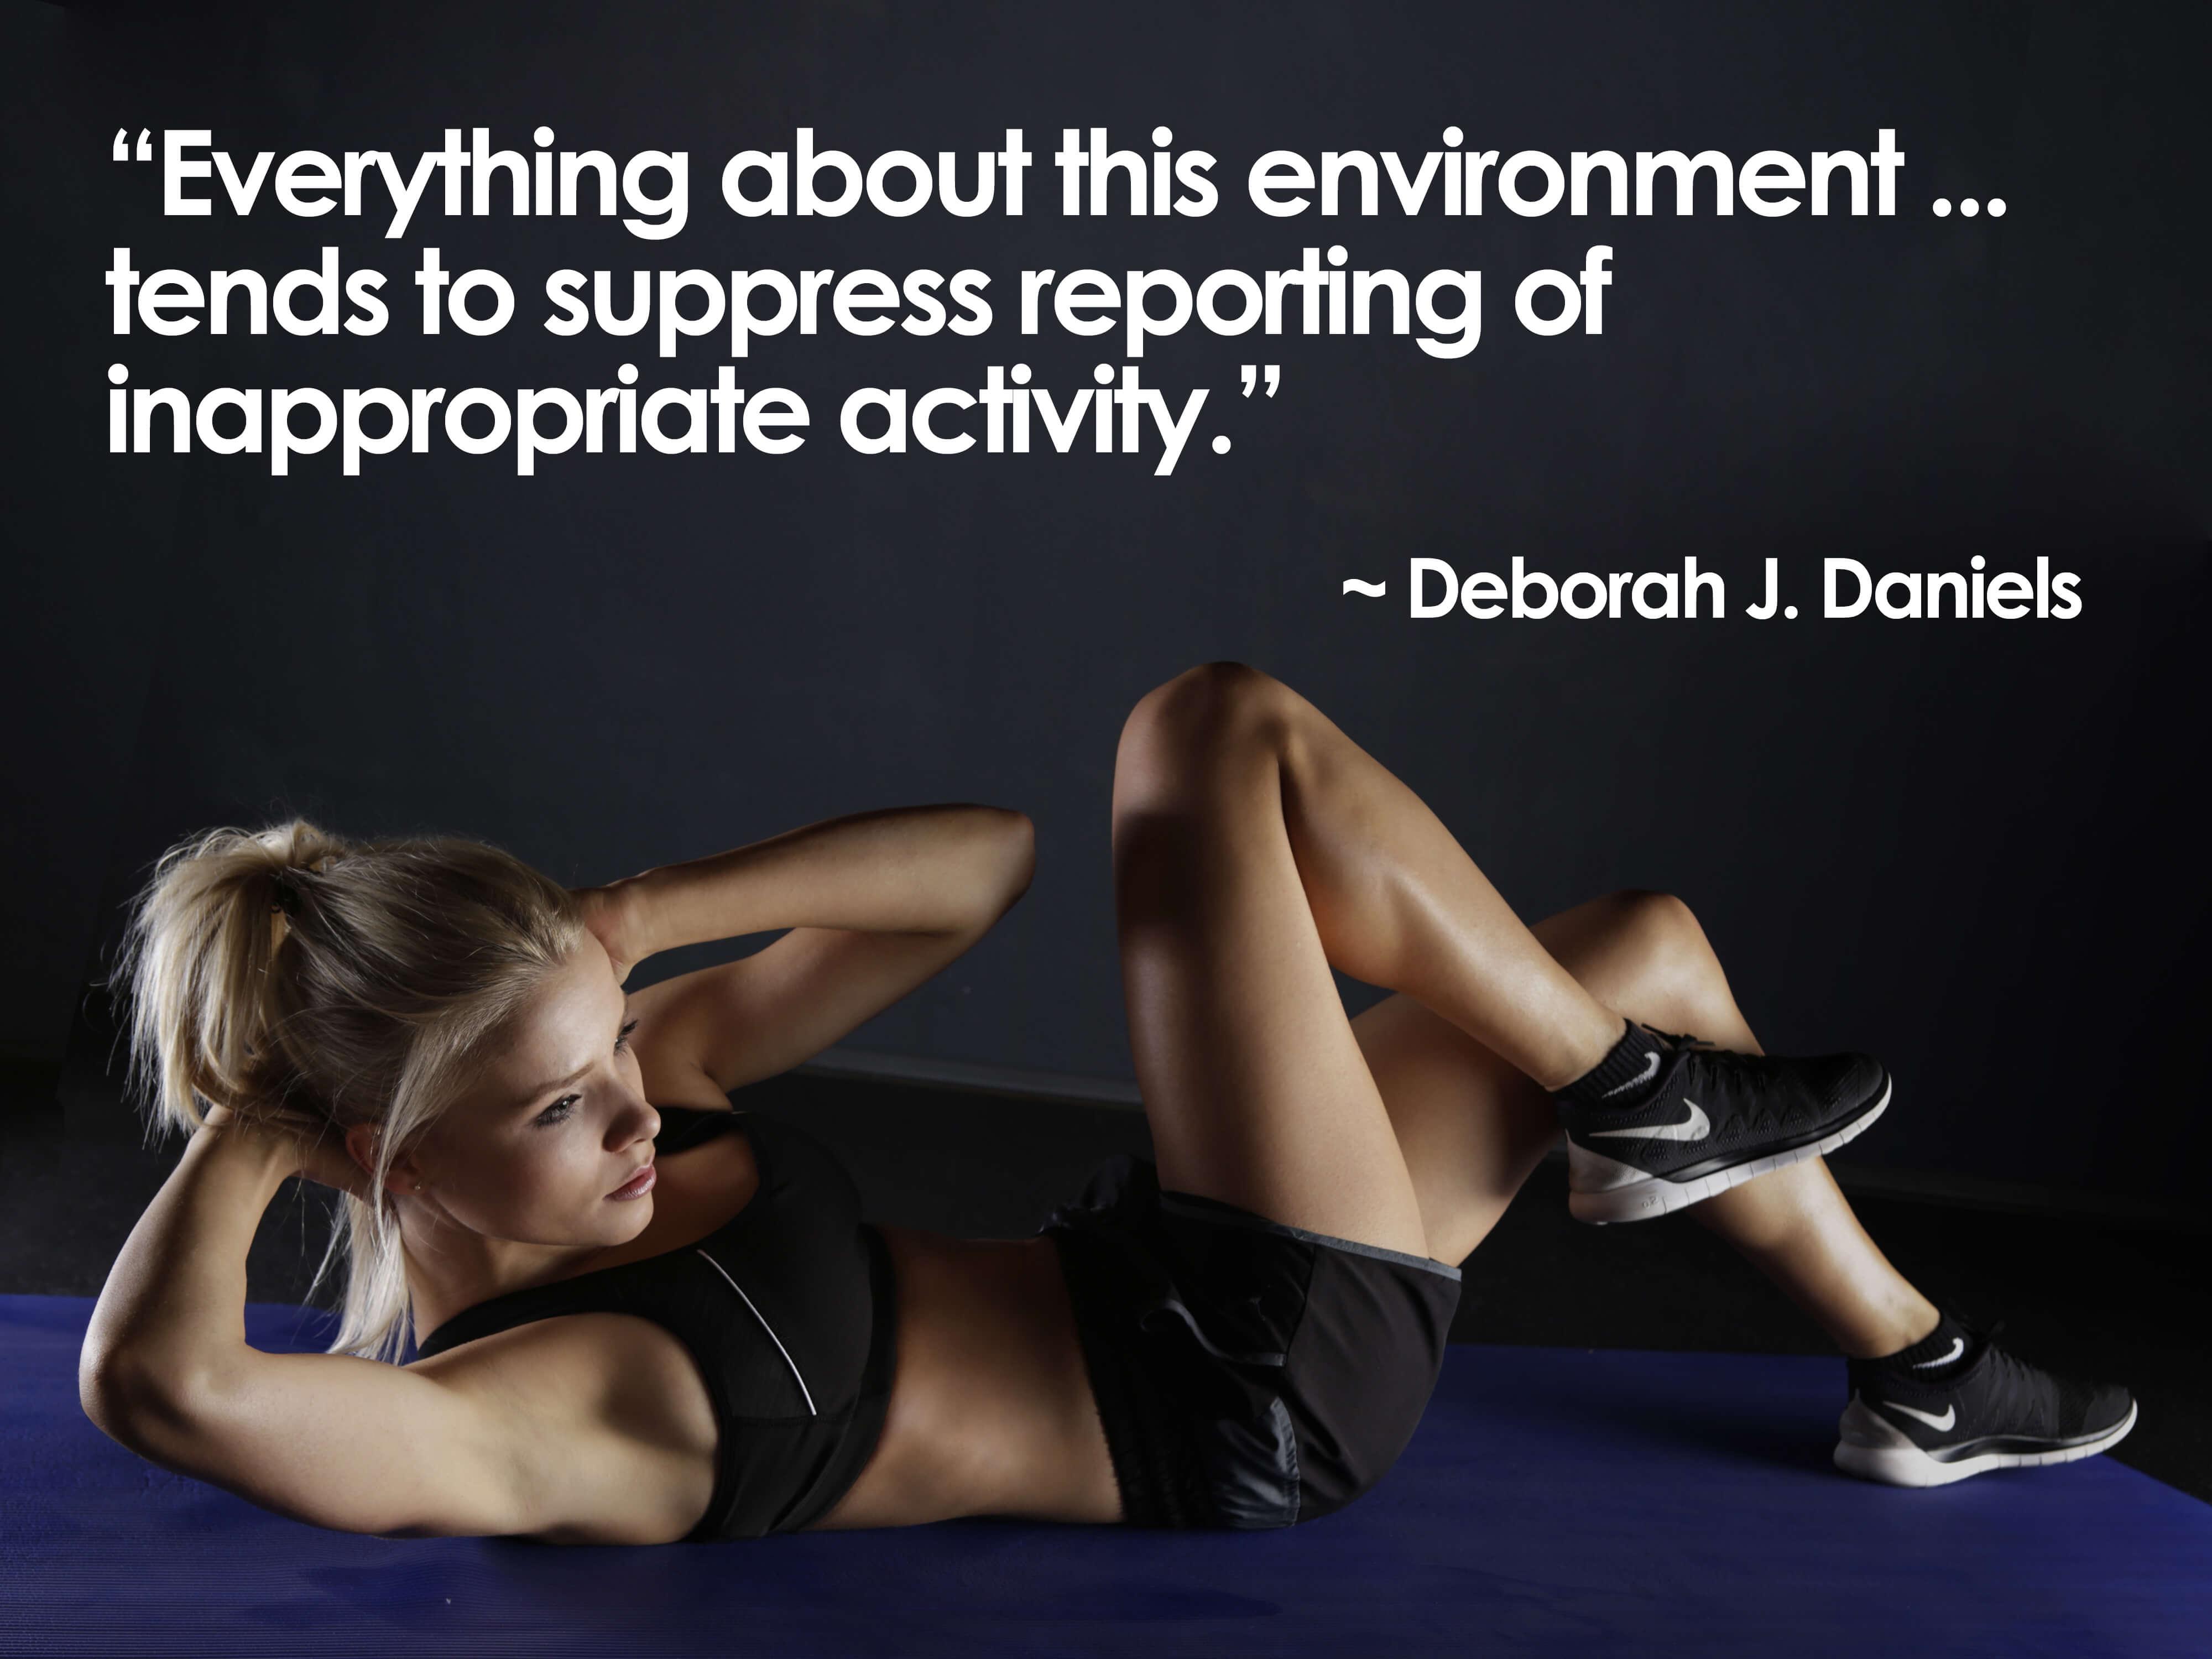 Deborah J. Daniels quote re USGA